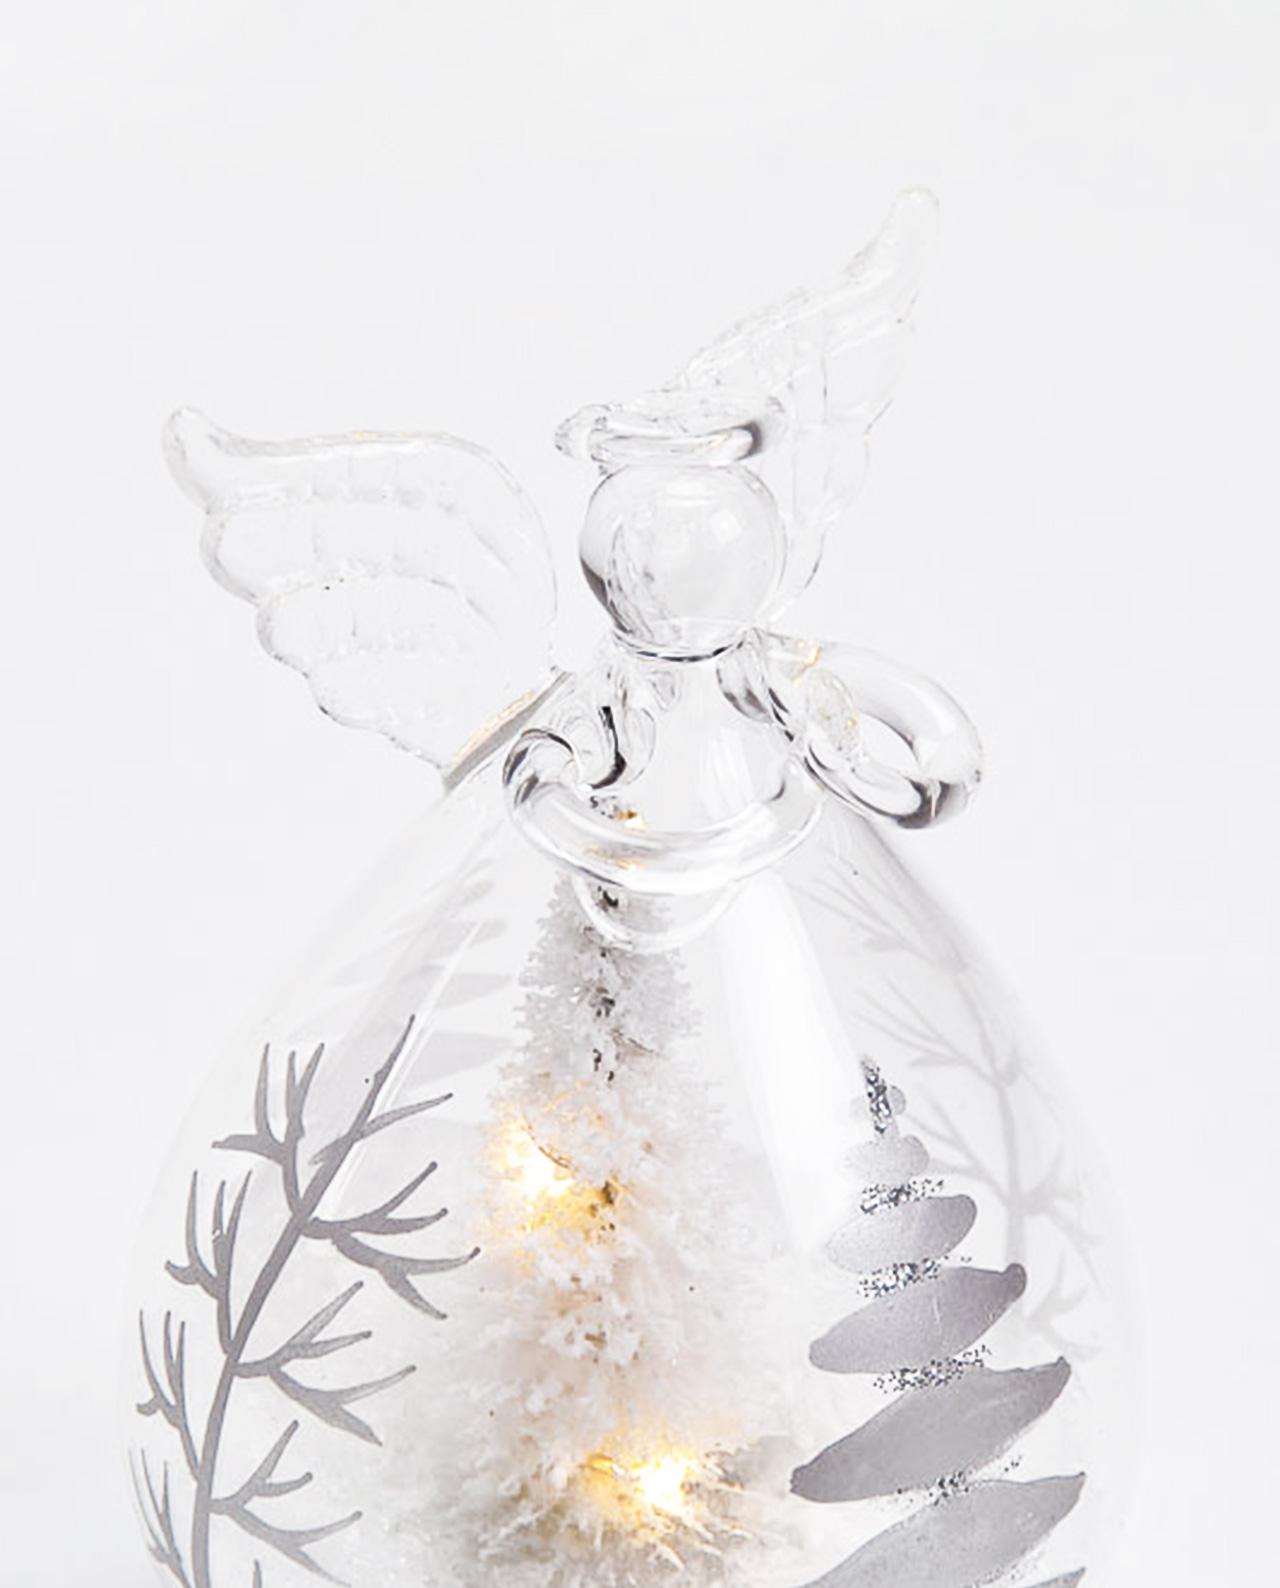 Angelo decorazioni natalizie in vetro con led per - Decorazioni natalizie in vetro ...